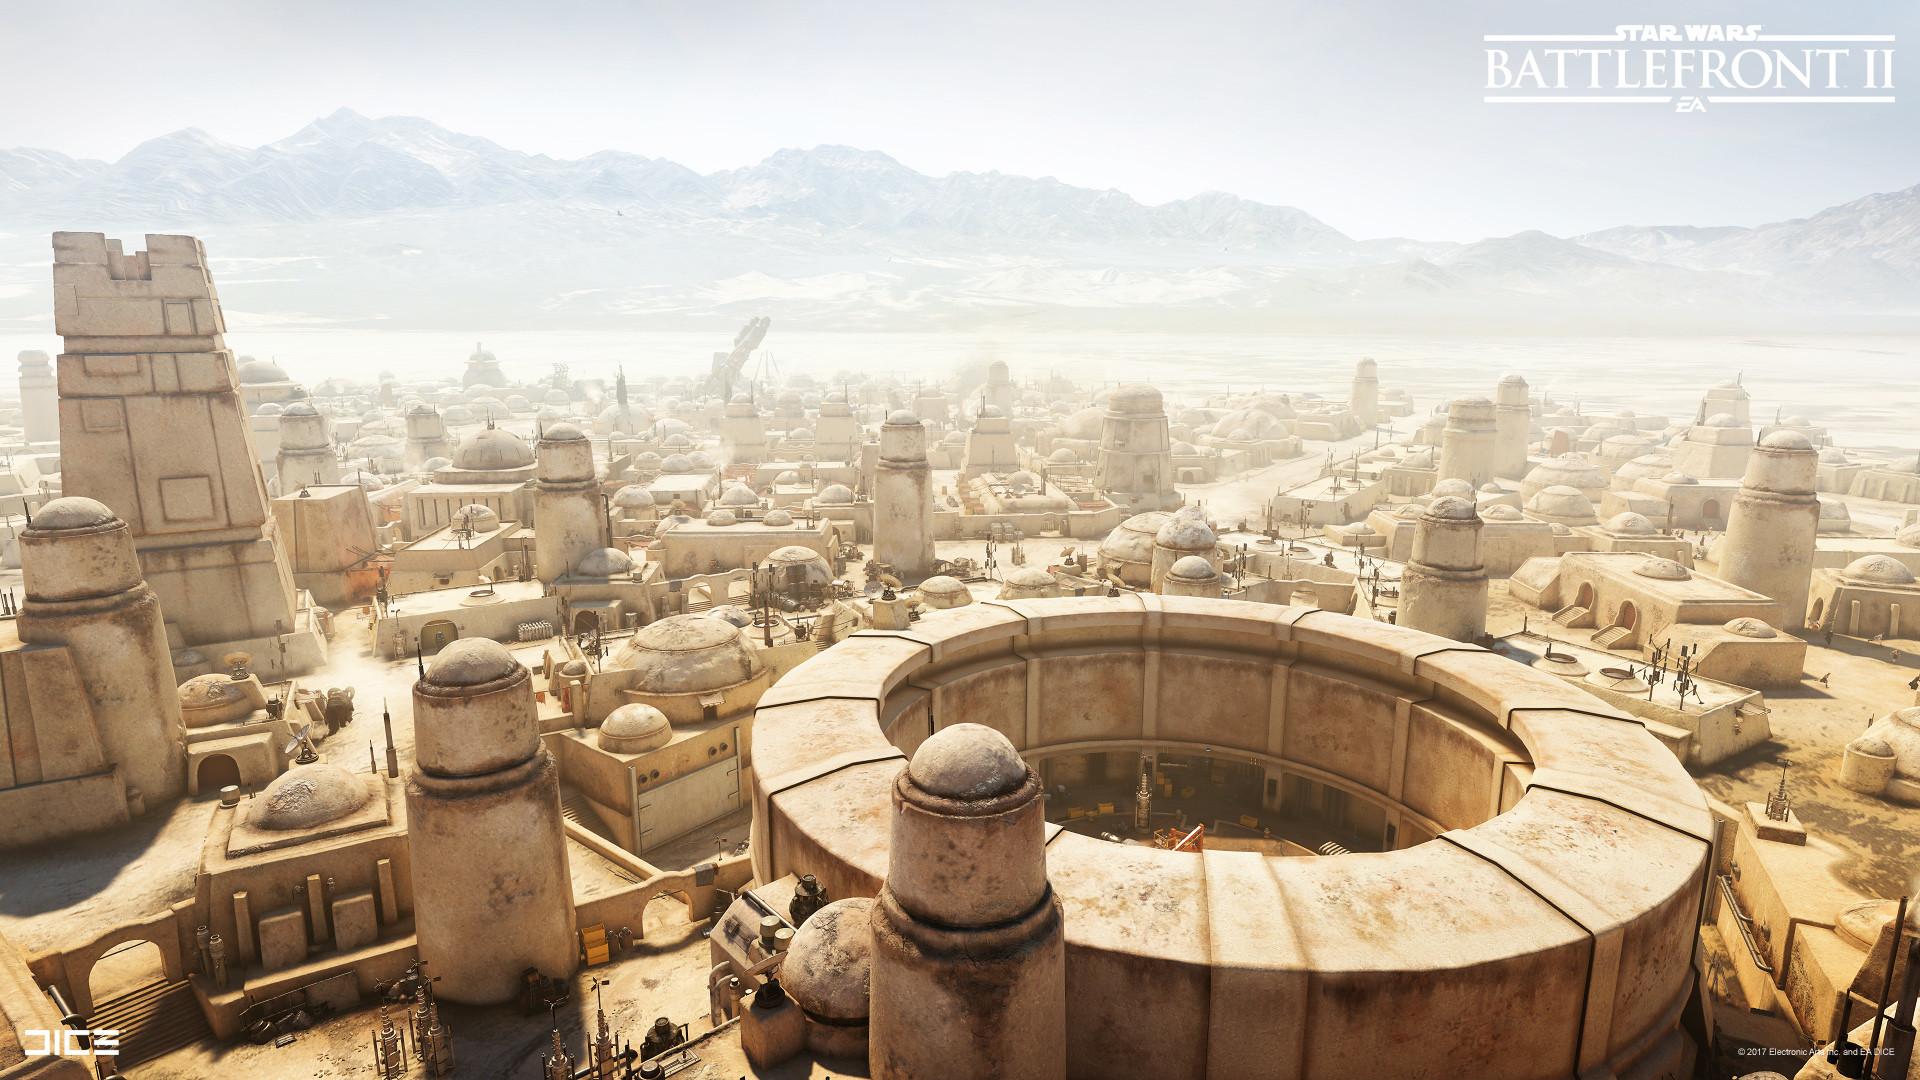 Artstation Star Wars Battlefront 2 Tatooine Per Smedjeback